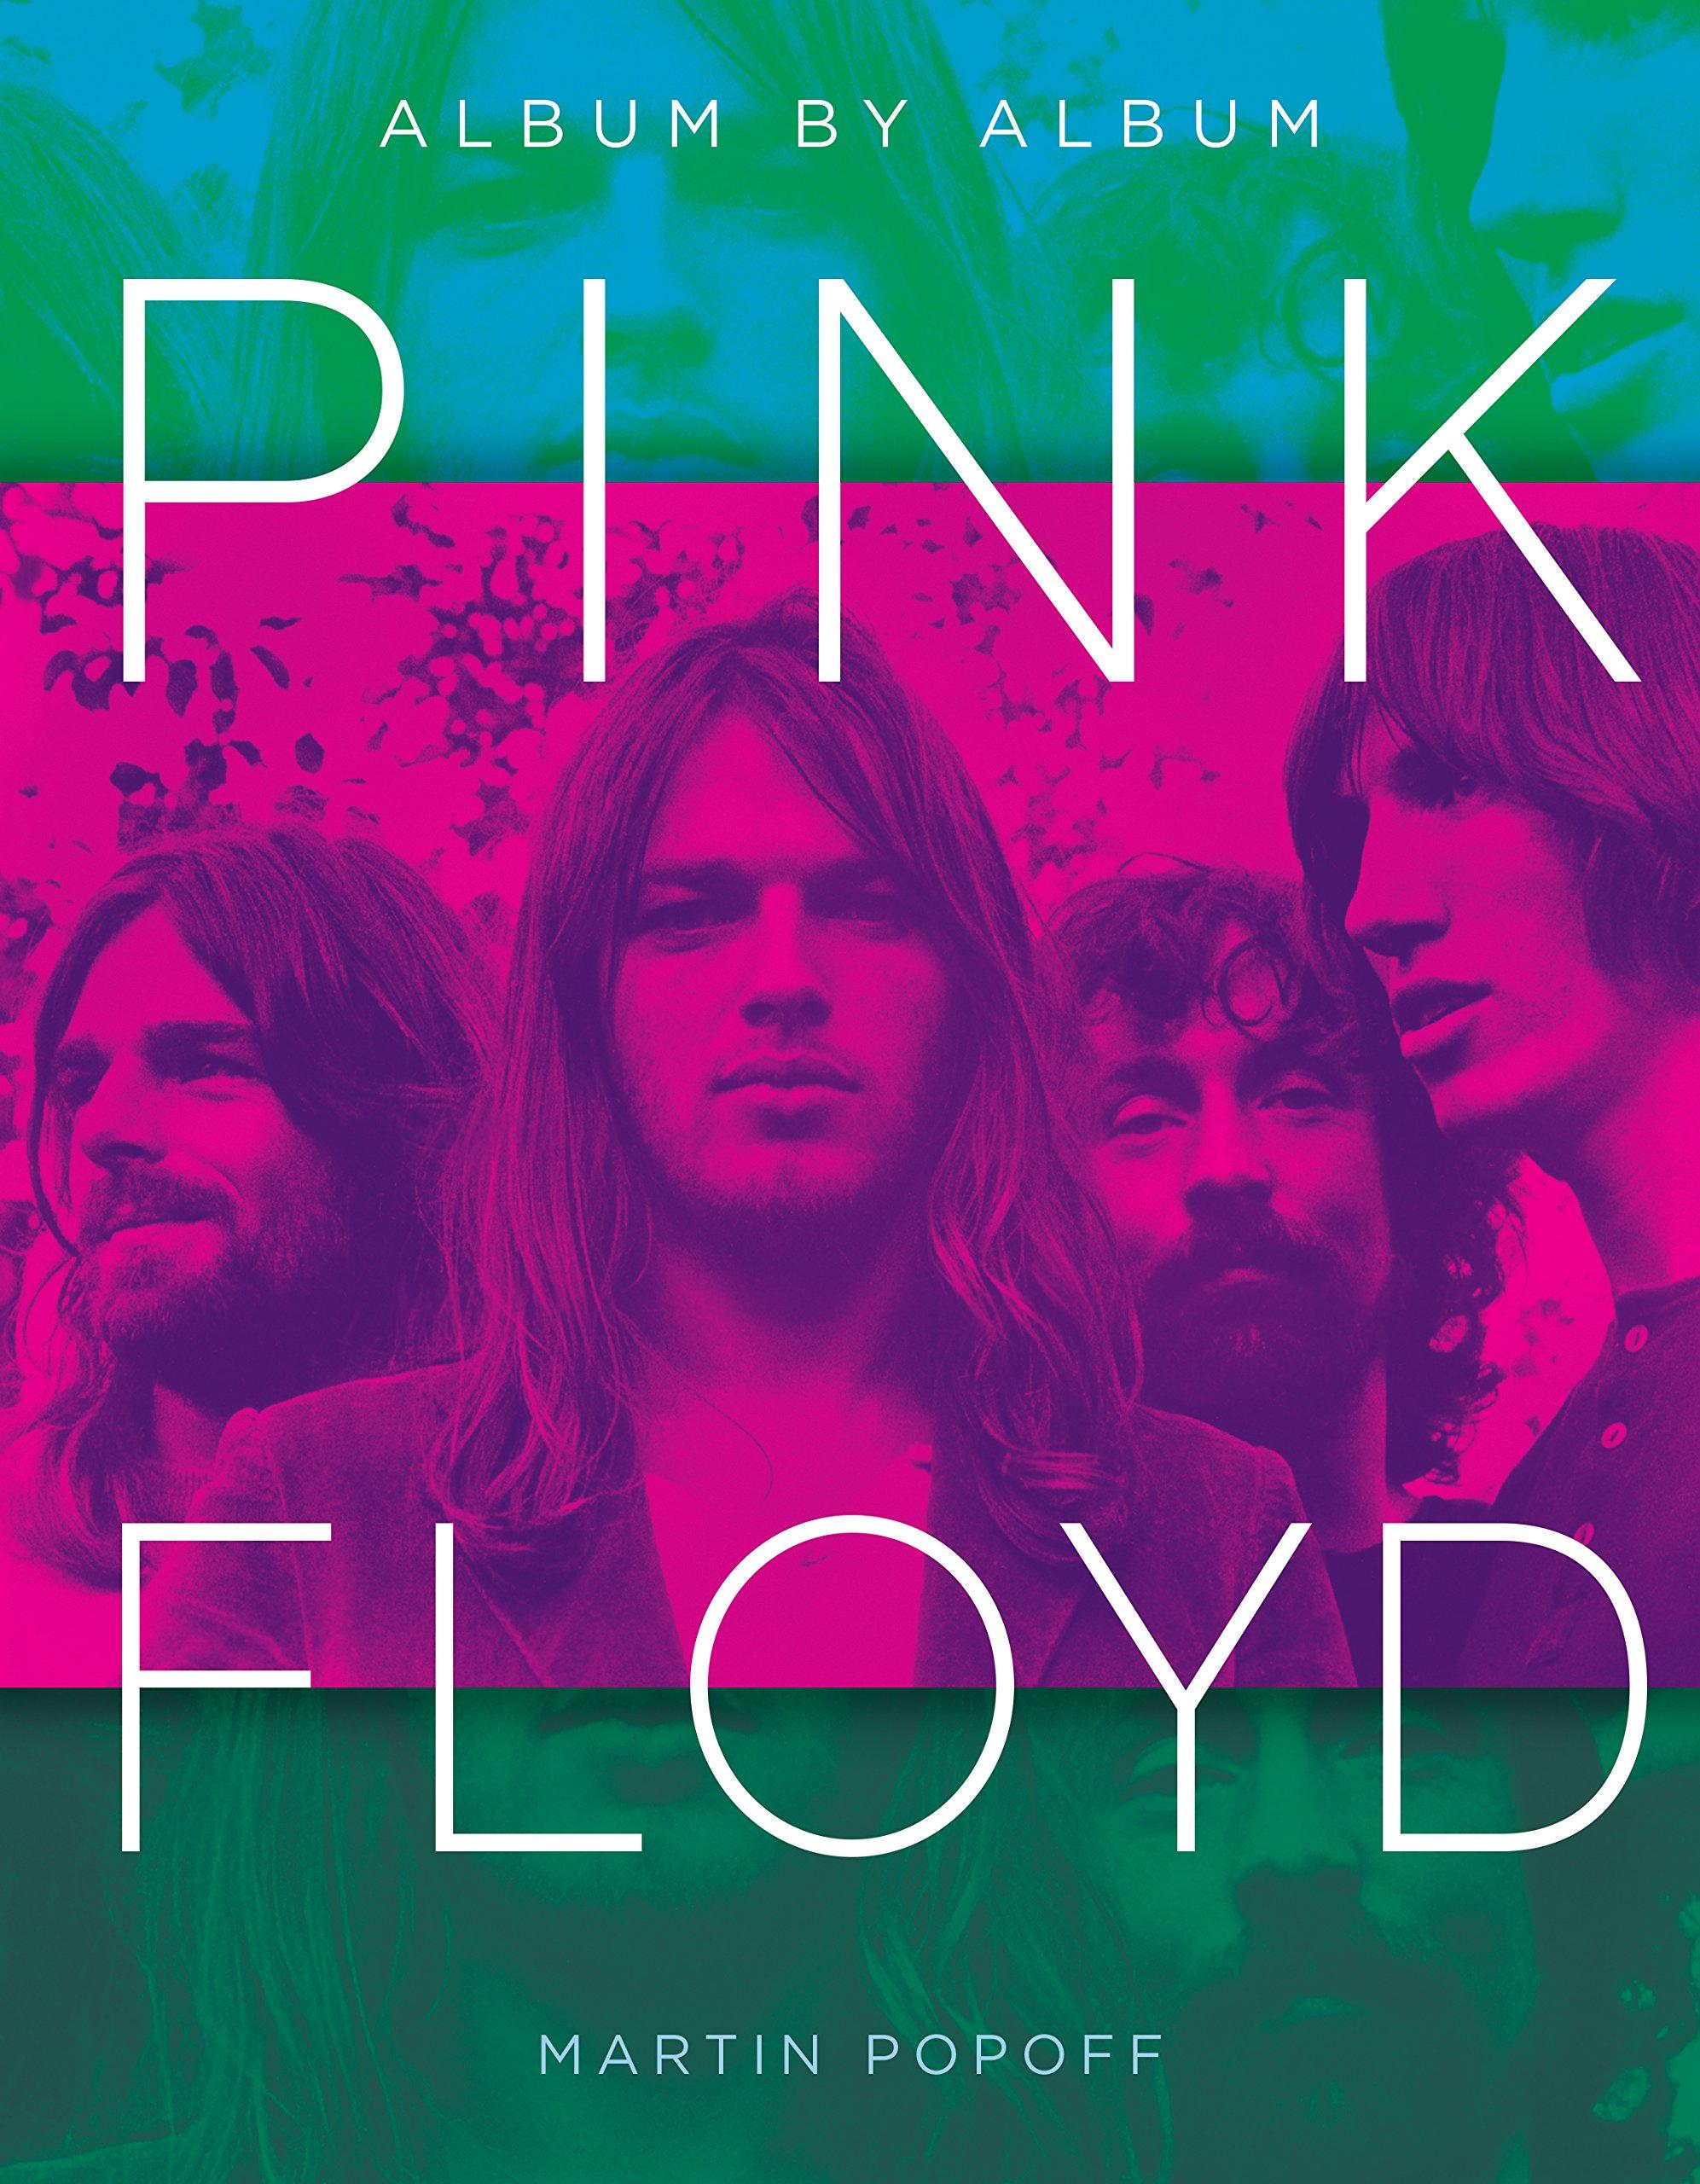 Pink Floyd Album by Album